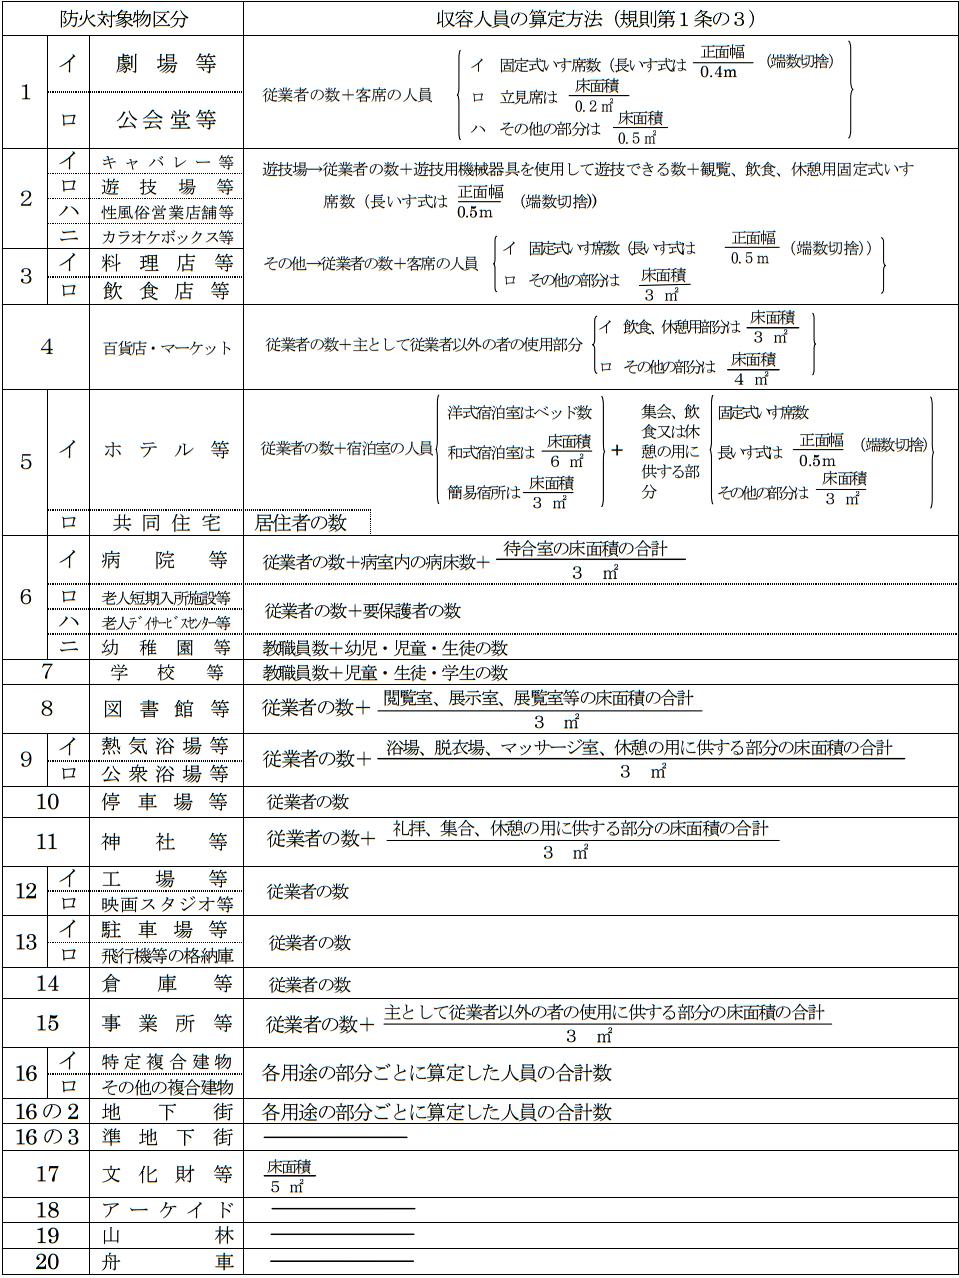 収容人員の算定基準